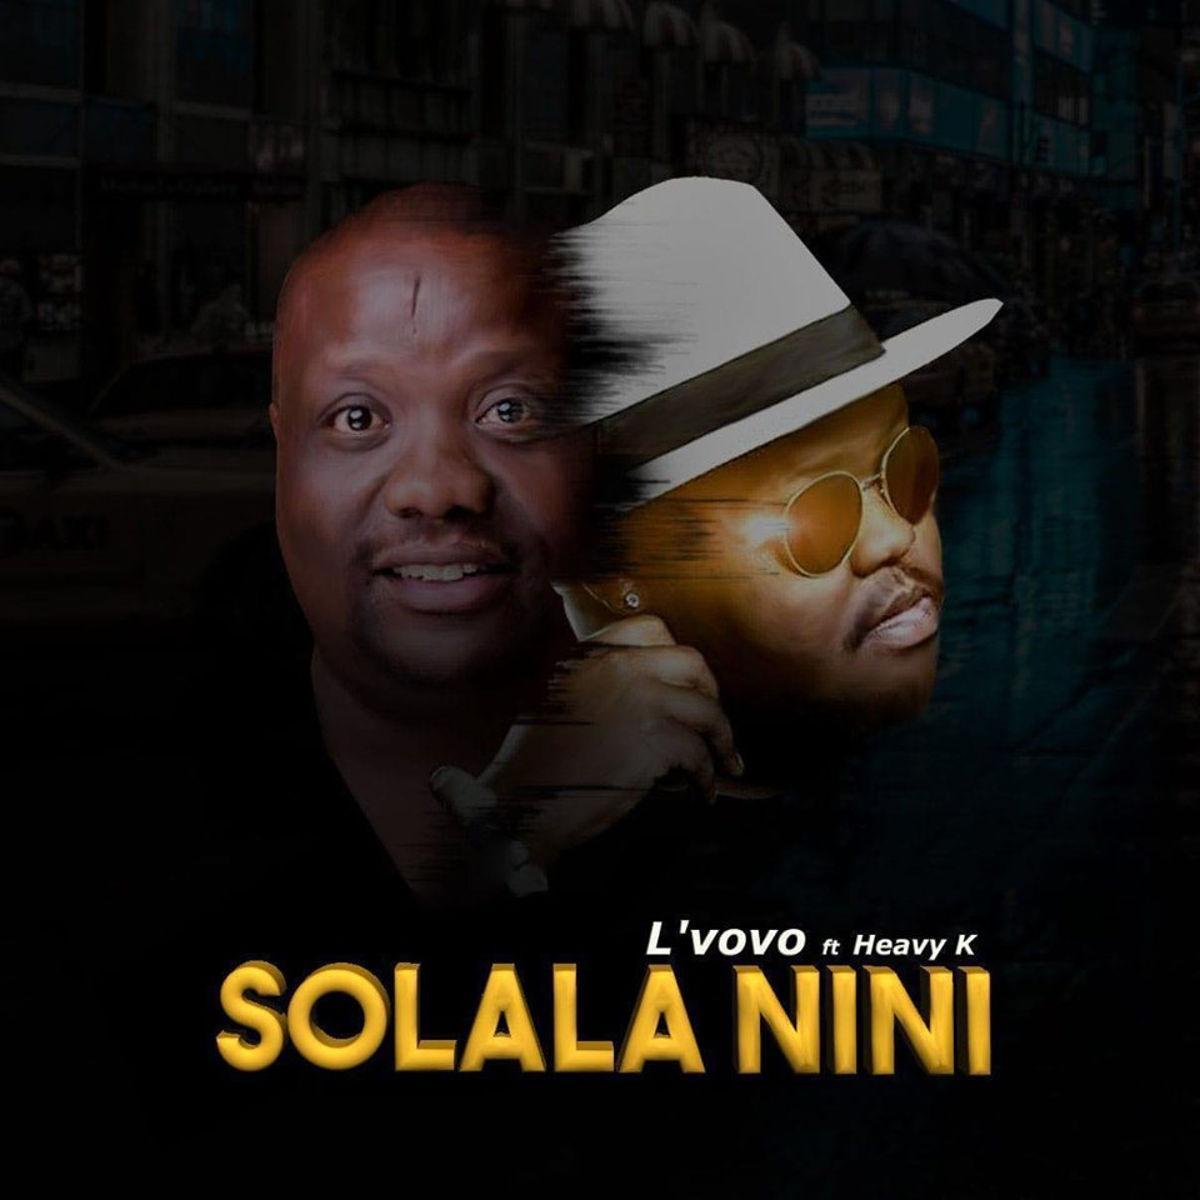 Lvovo Heavy K Solala Nini - L'vovo ft. Heavy K – Solala Nini